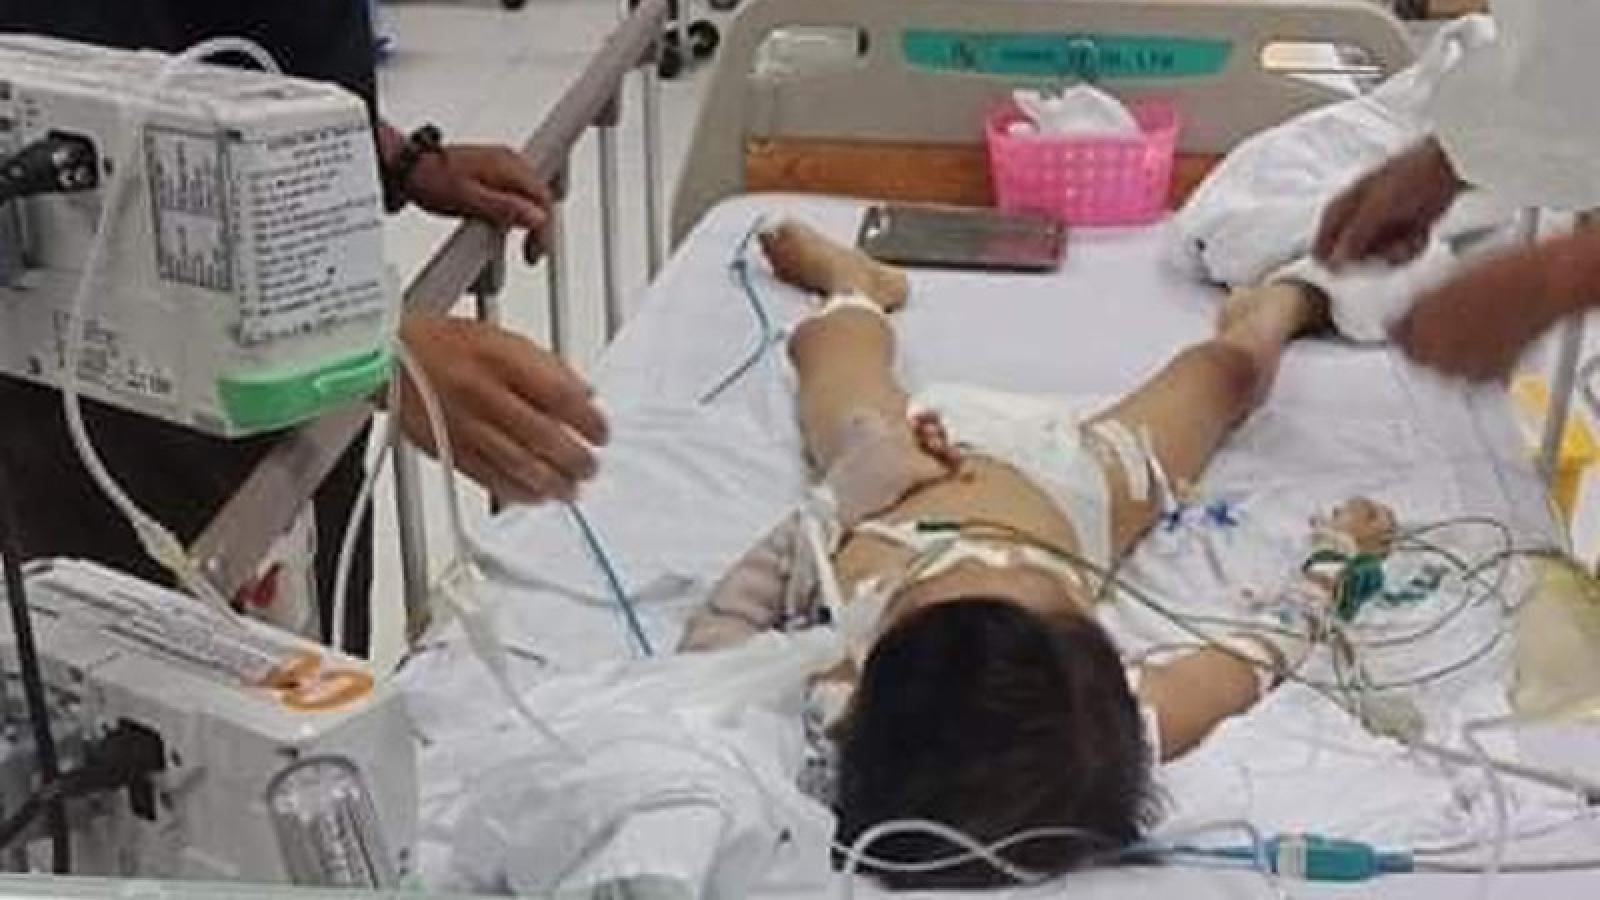 Bệnh viện chuyển tuyến chậm khiến bé 7 tuổi ở Bình Phước tử vong?